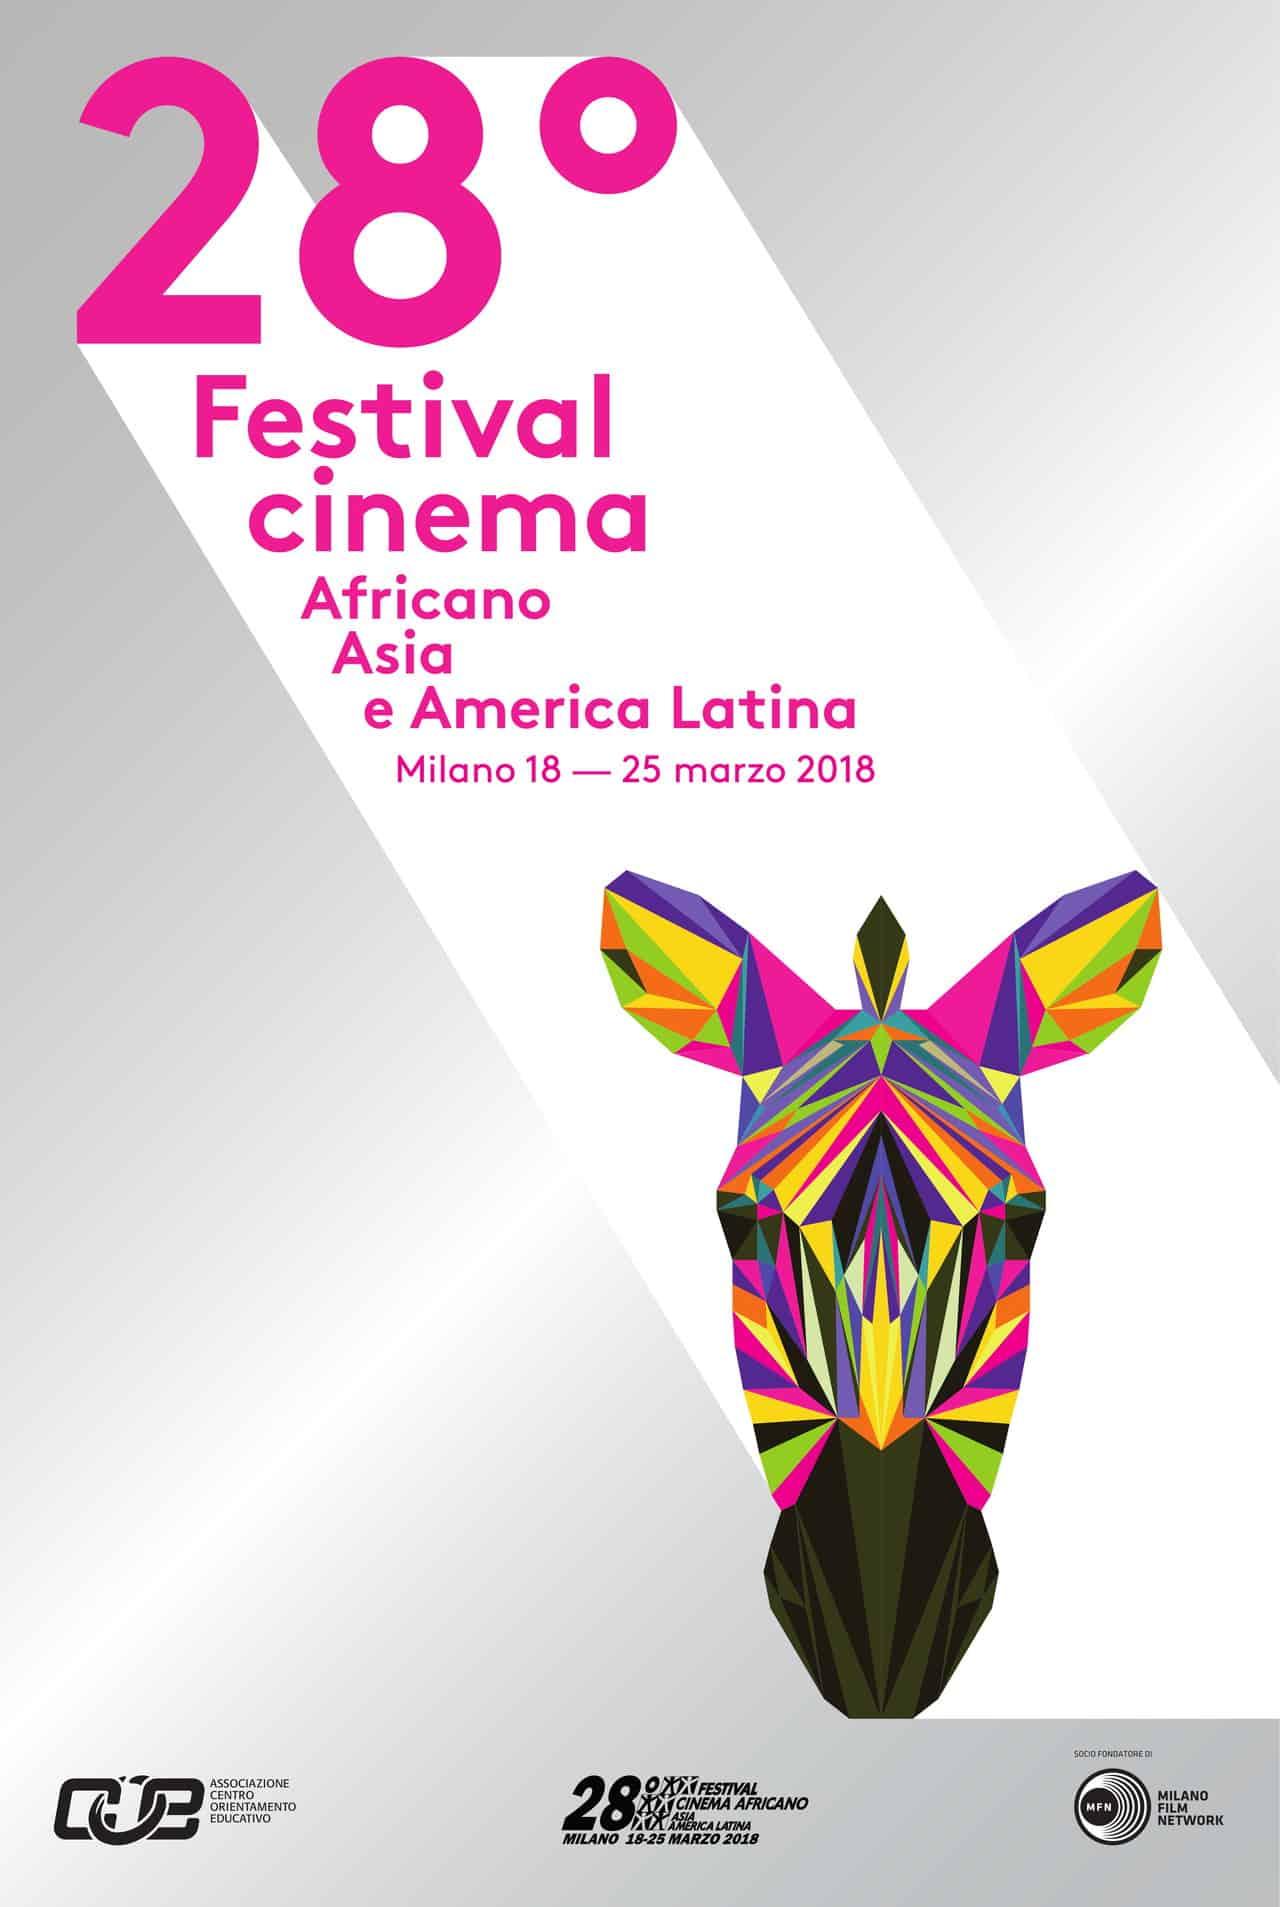 28° Festival del Cinema Africano: il programma e il poster dell'evento